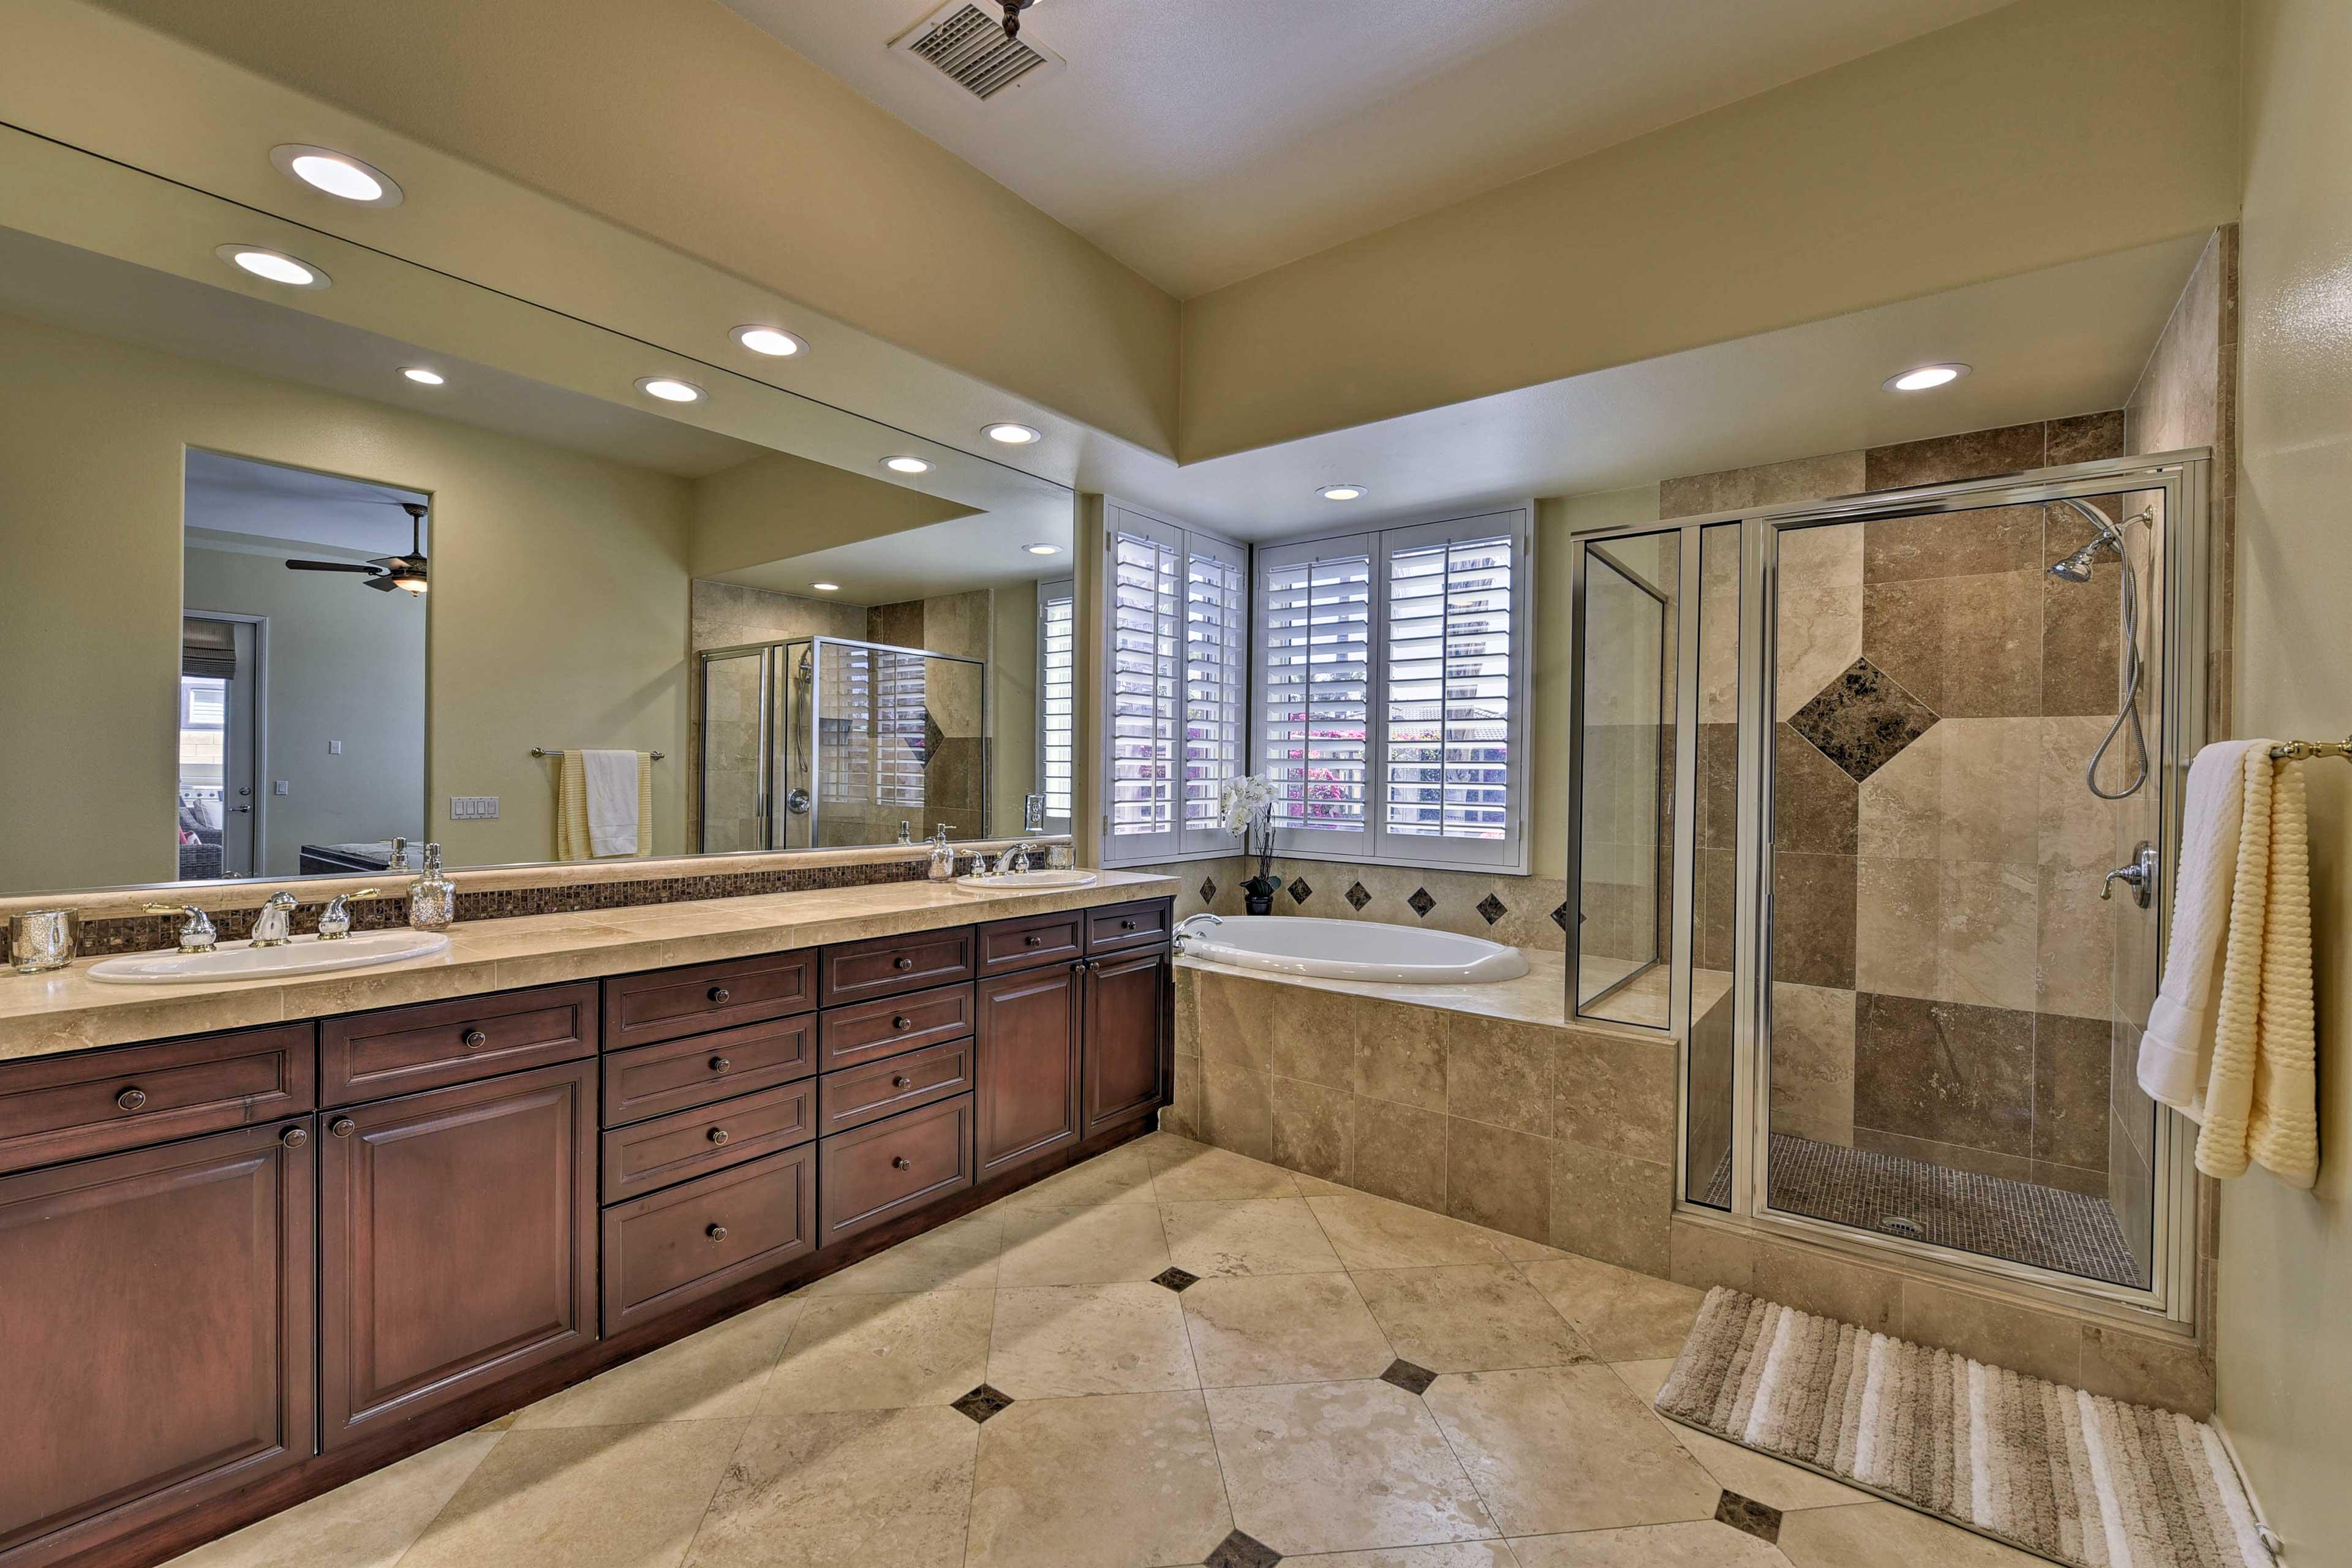 Luxury awaits in this upscale en-suite bathroom.